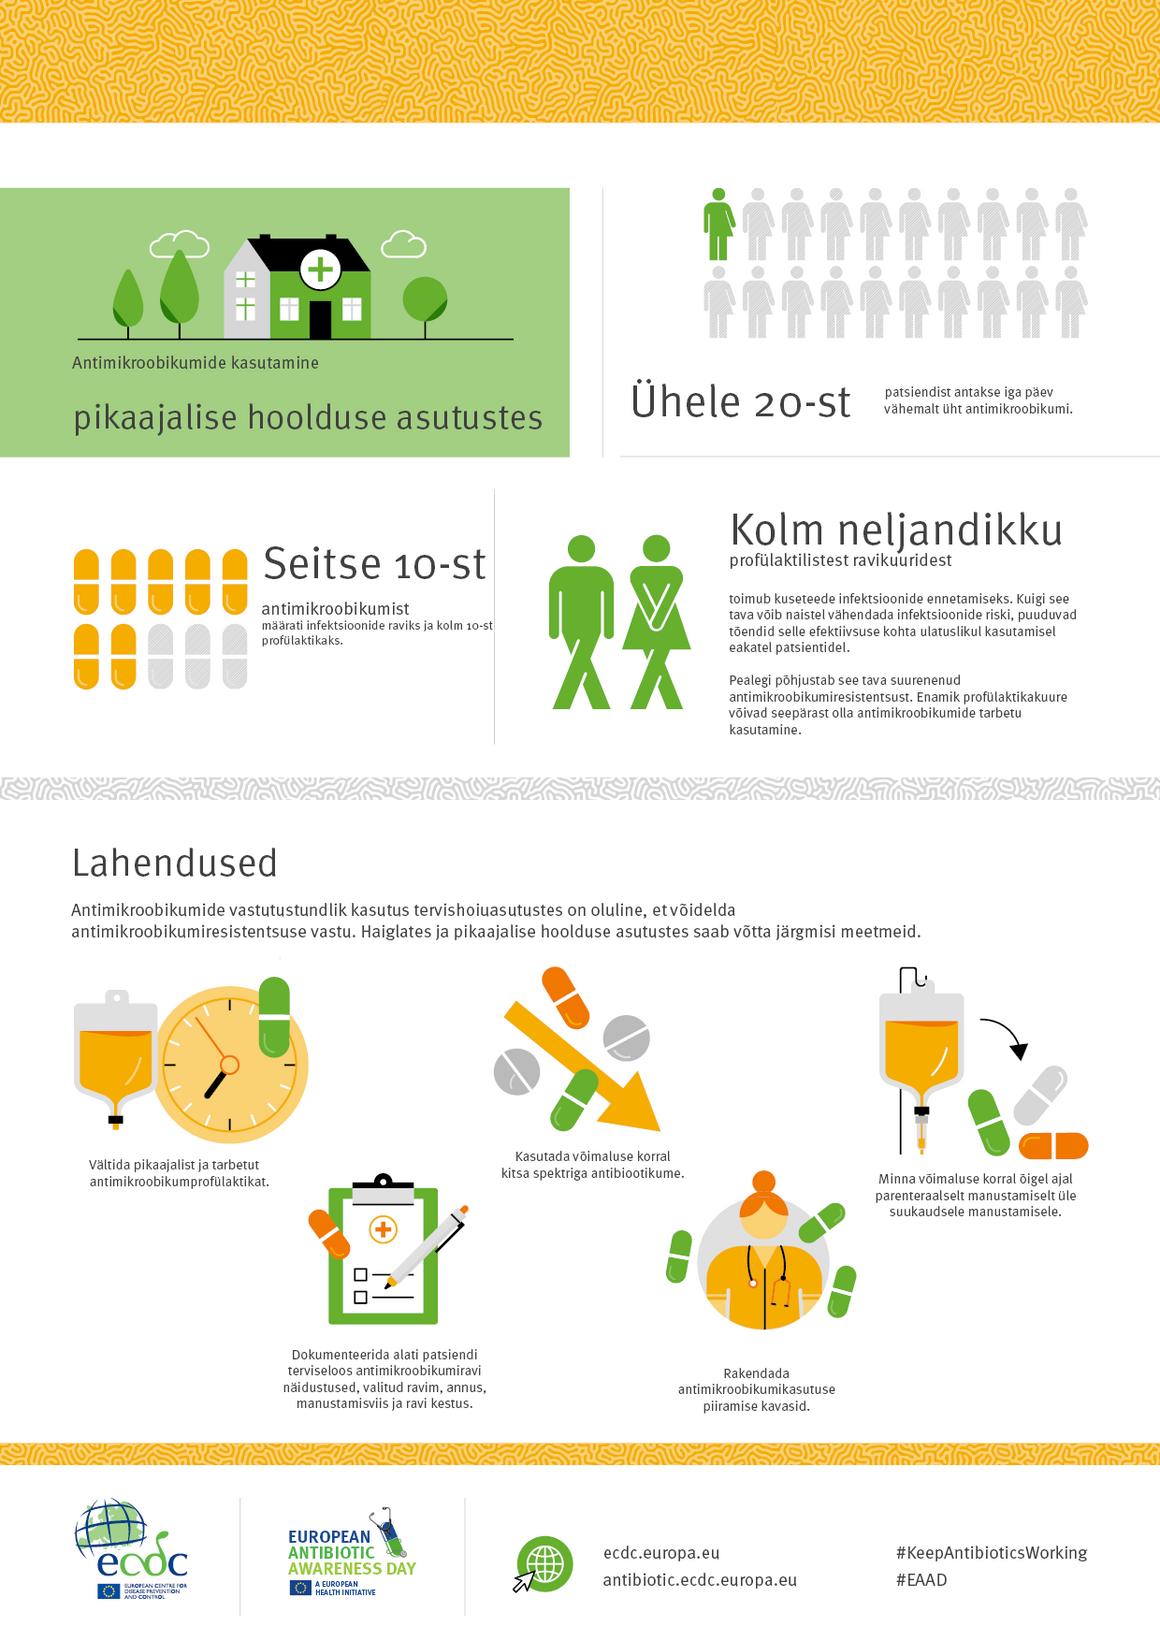 Antimikroobikumide kasutamine pikaajalise hoolduse asutustes